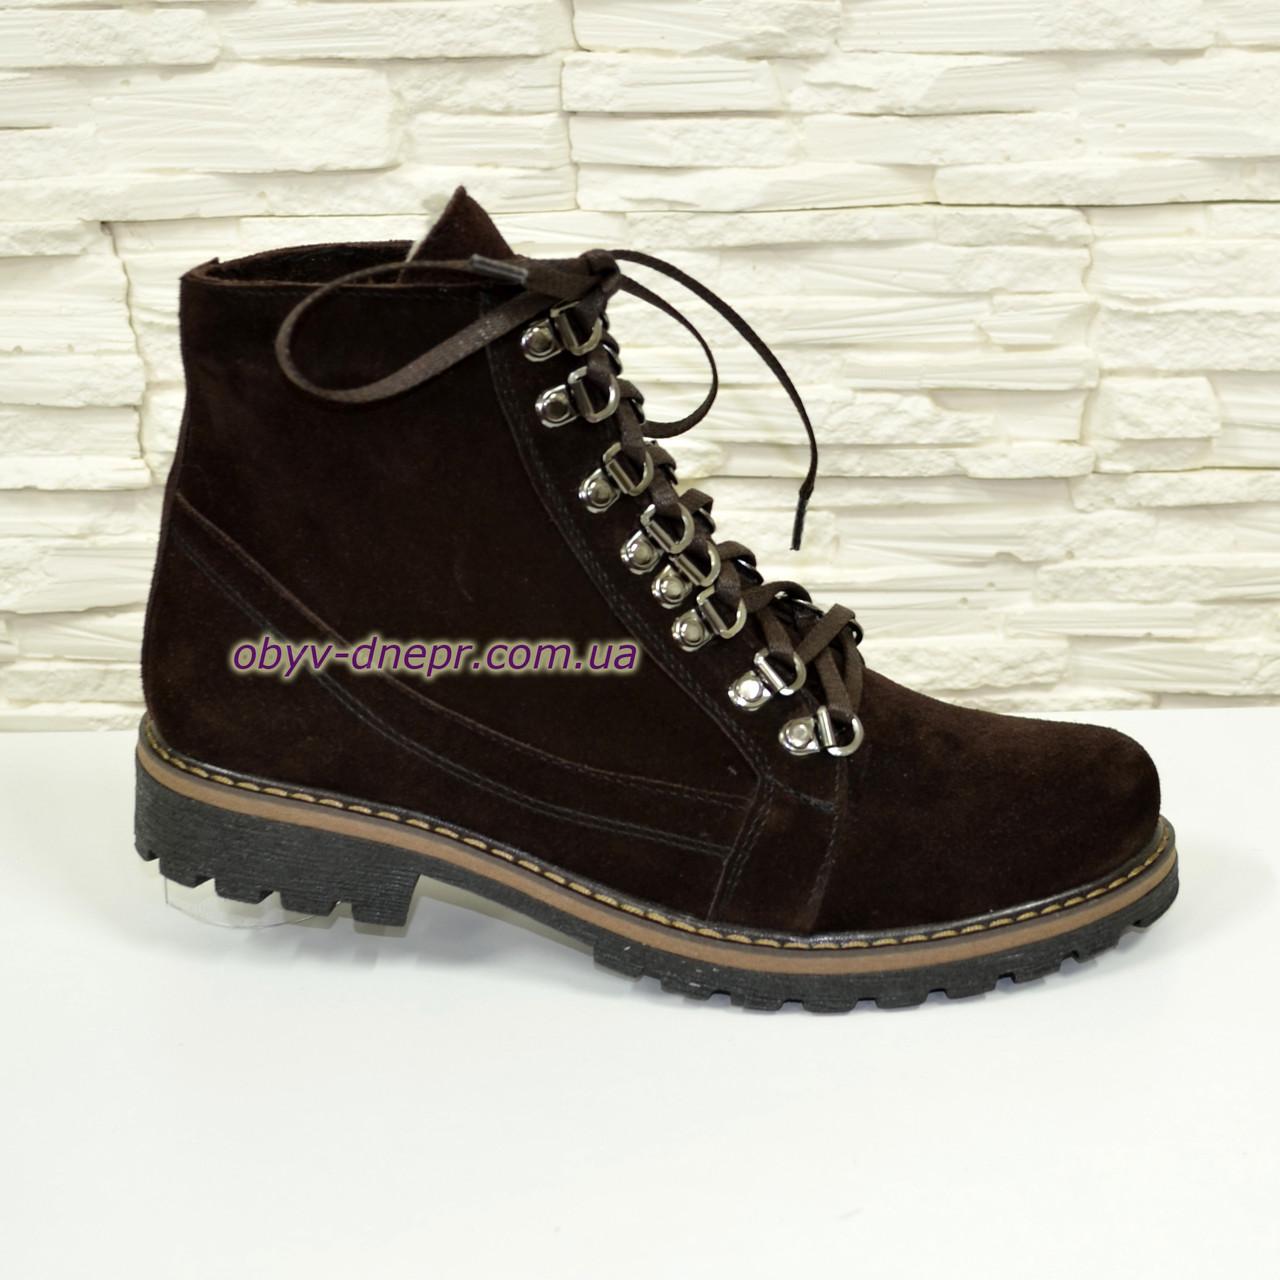 Ботинки женские   замшевые коричневого цвета